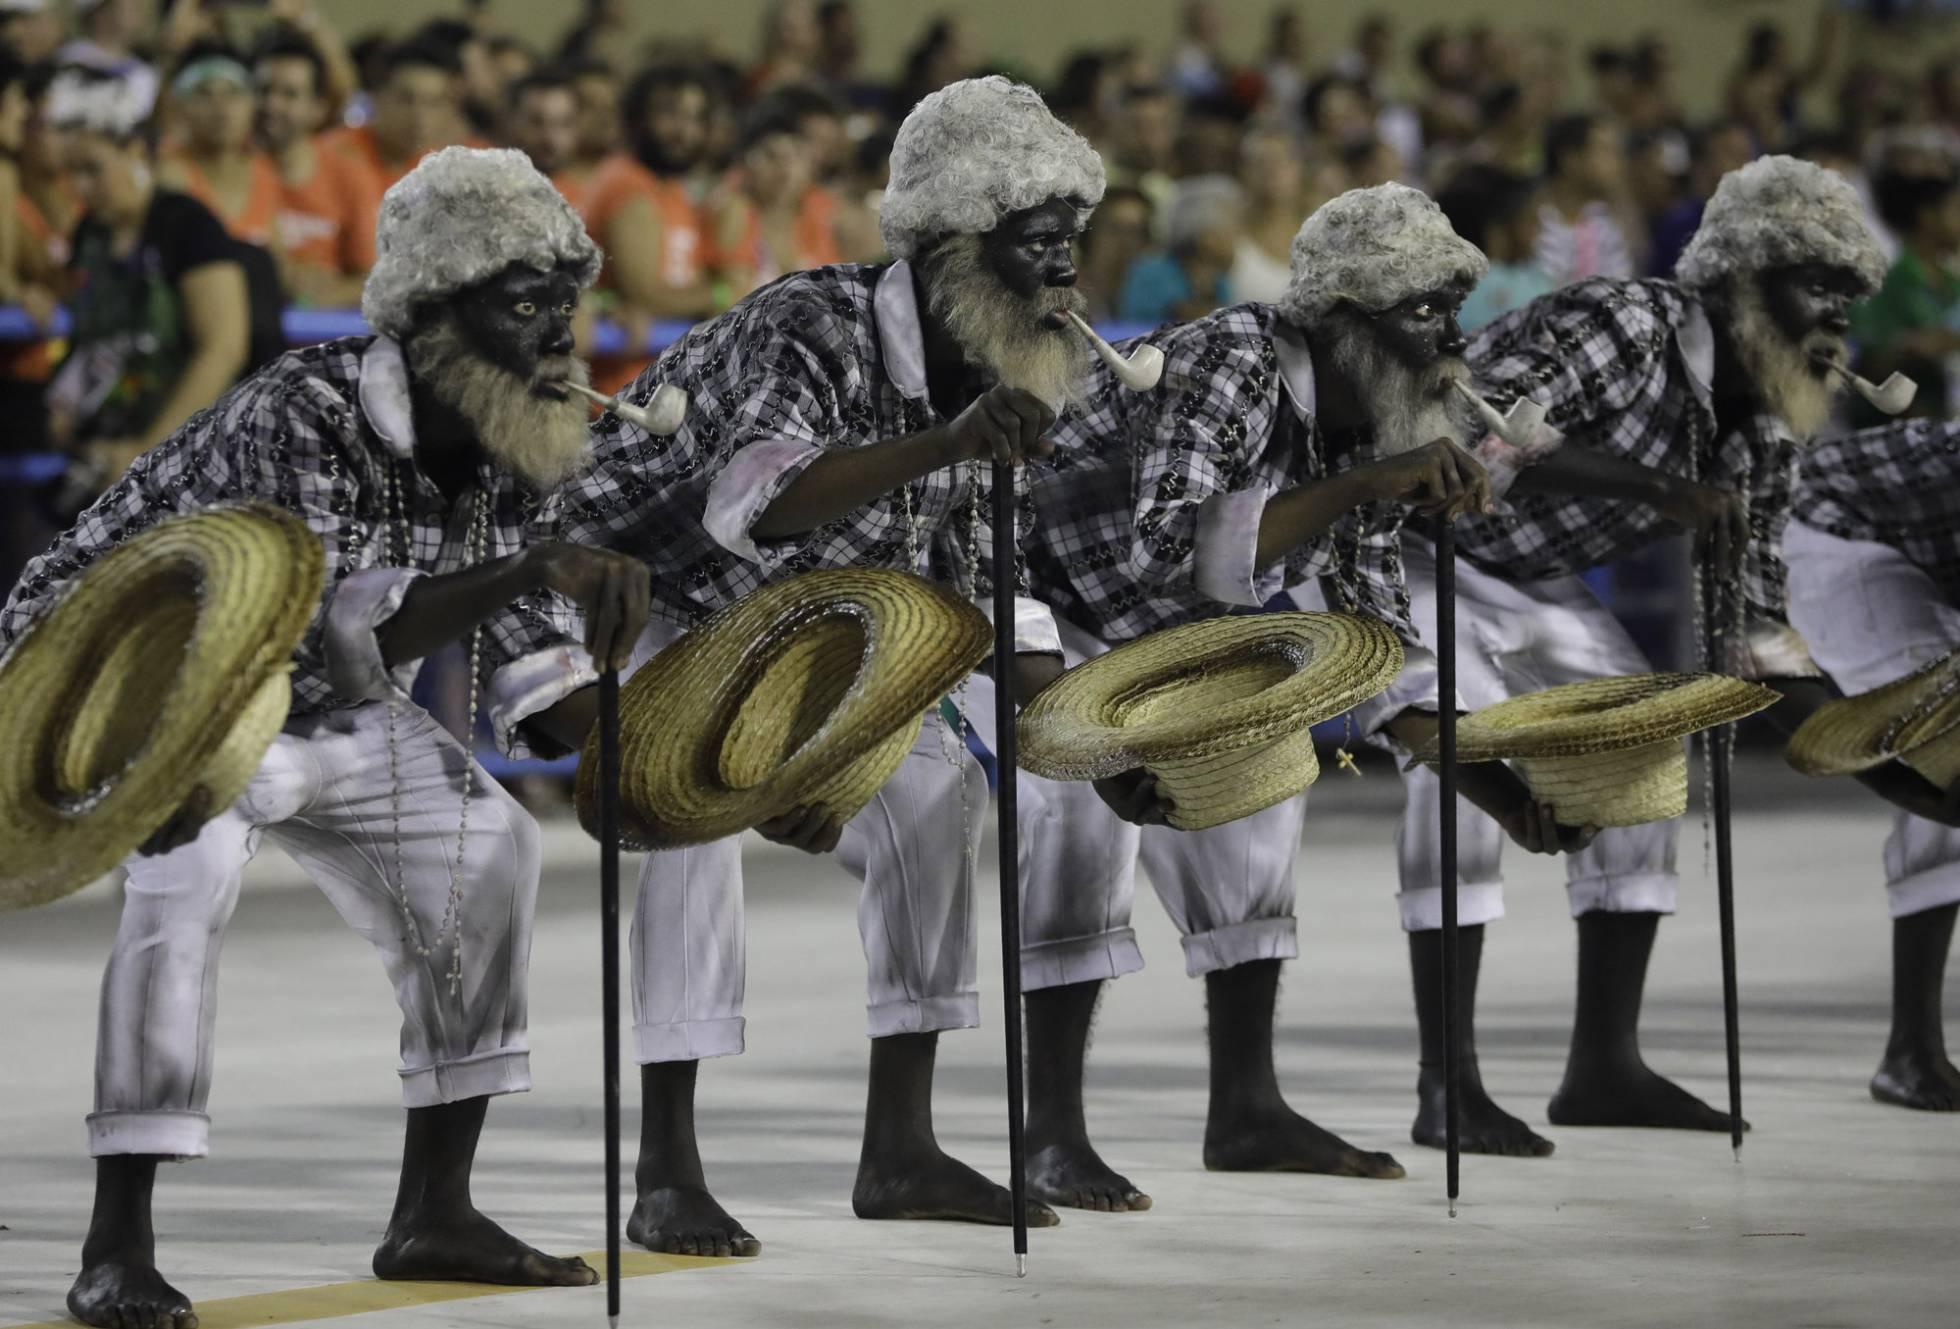 Desfile da escola Paraíso do Tuiuti, que fez um desfile protesto no Rio de Janeiro. LEO CORREA AP